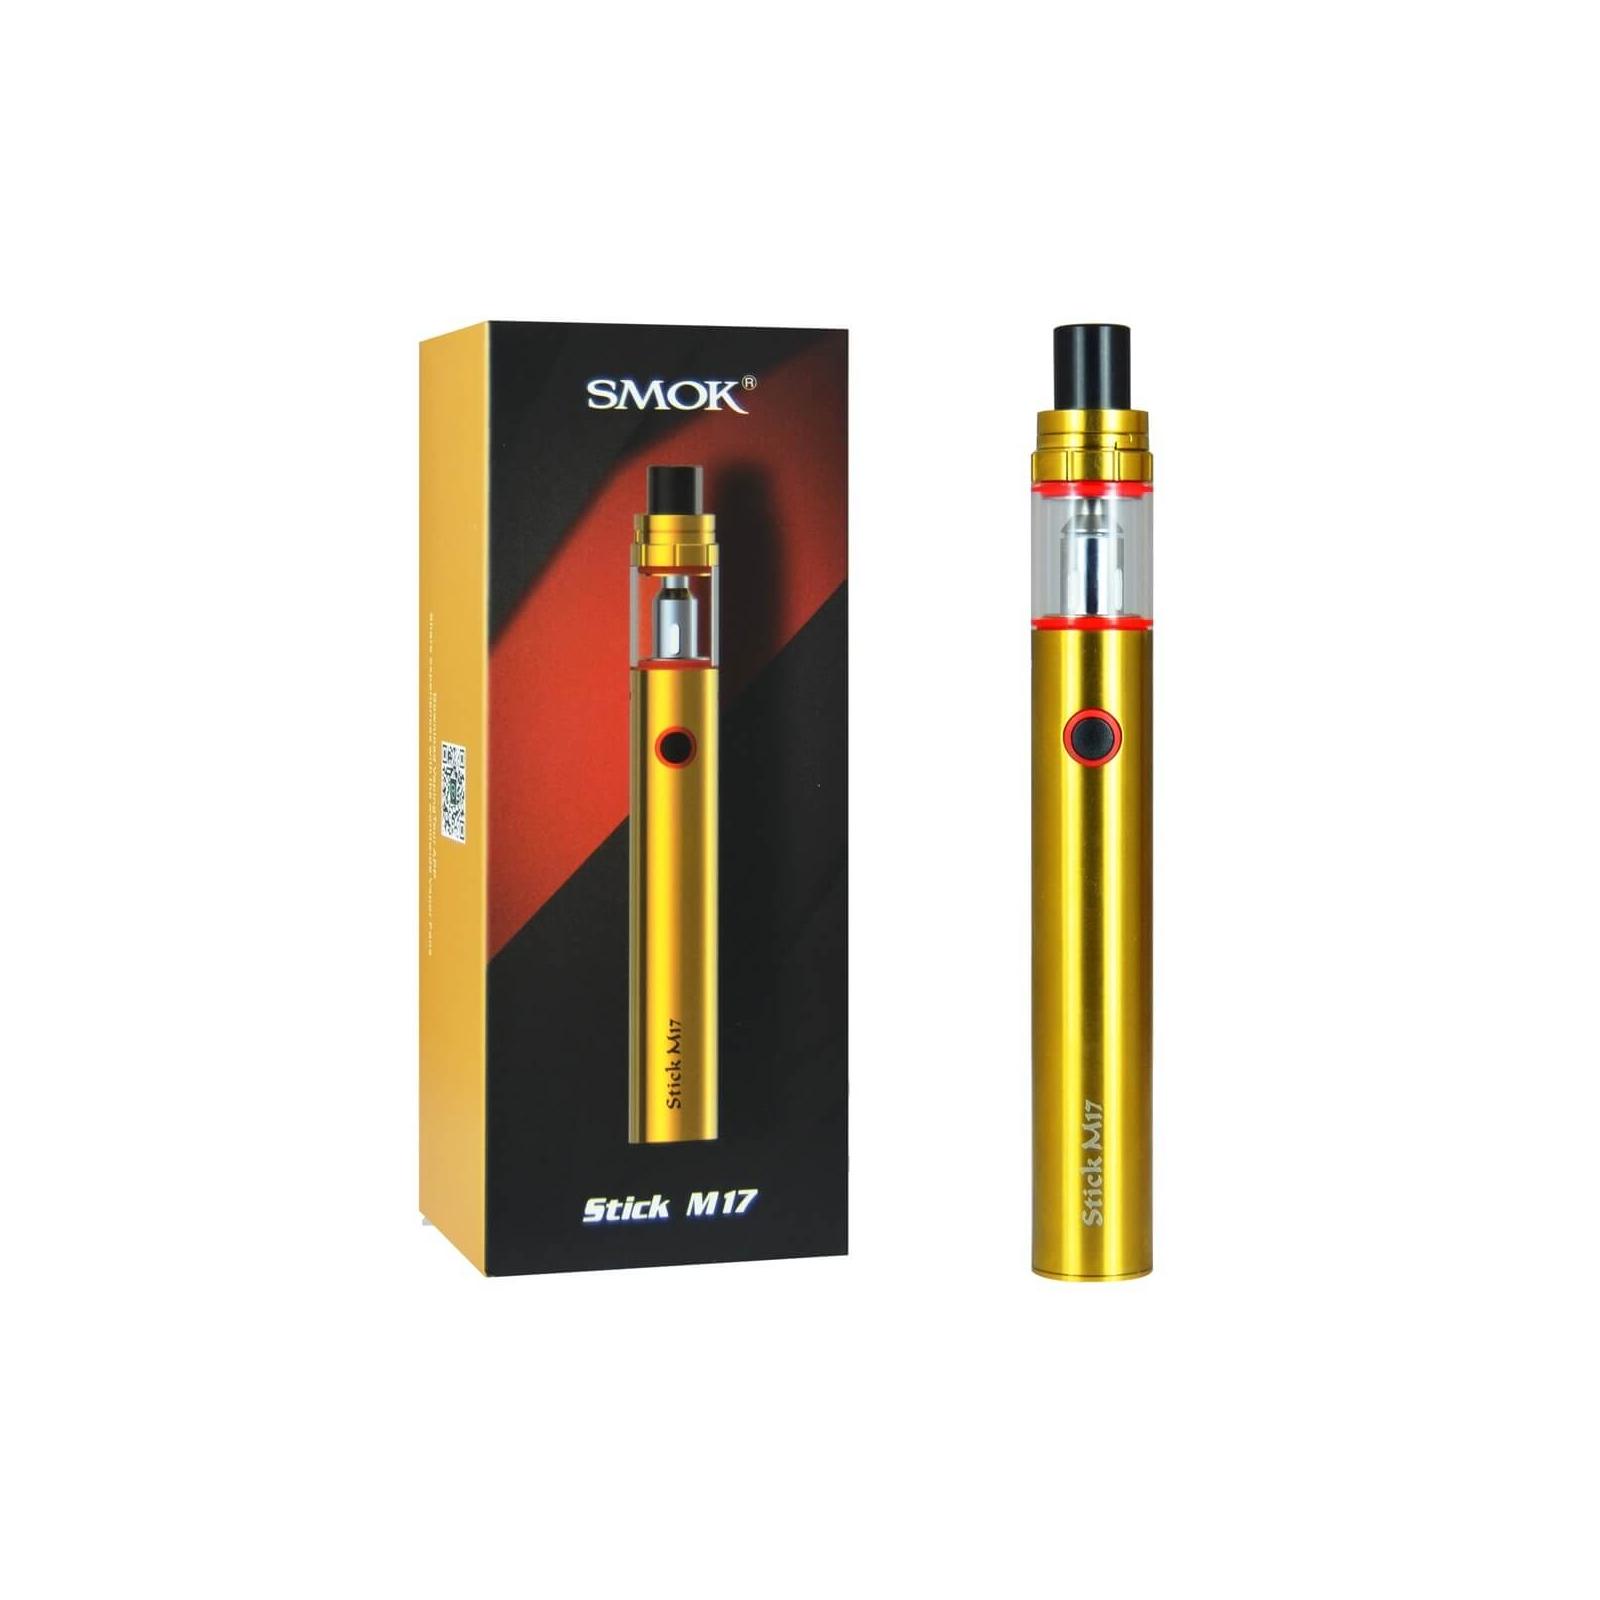 Стартовый набор Smok Stick M17 Gold (SMSM17G) изображение 2